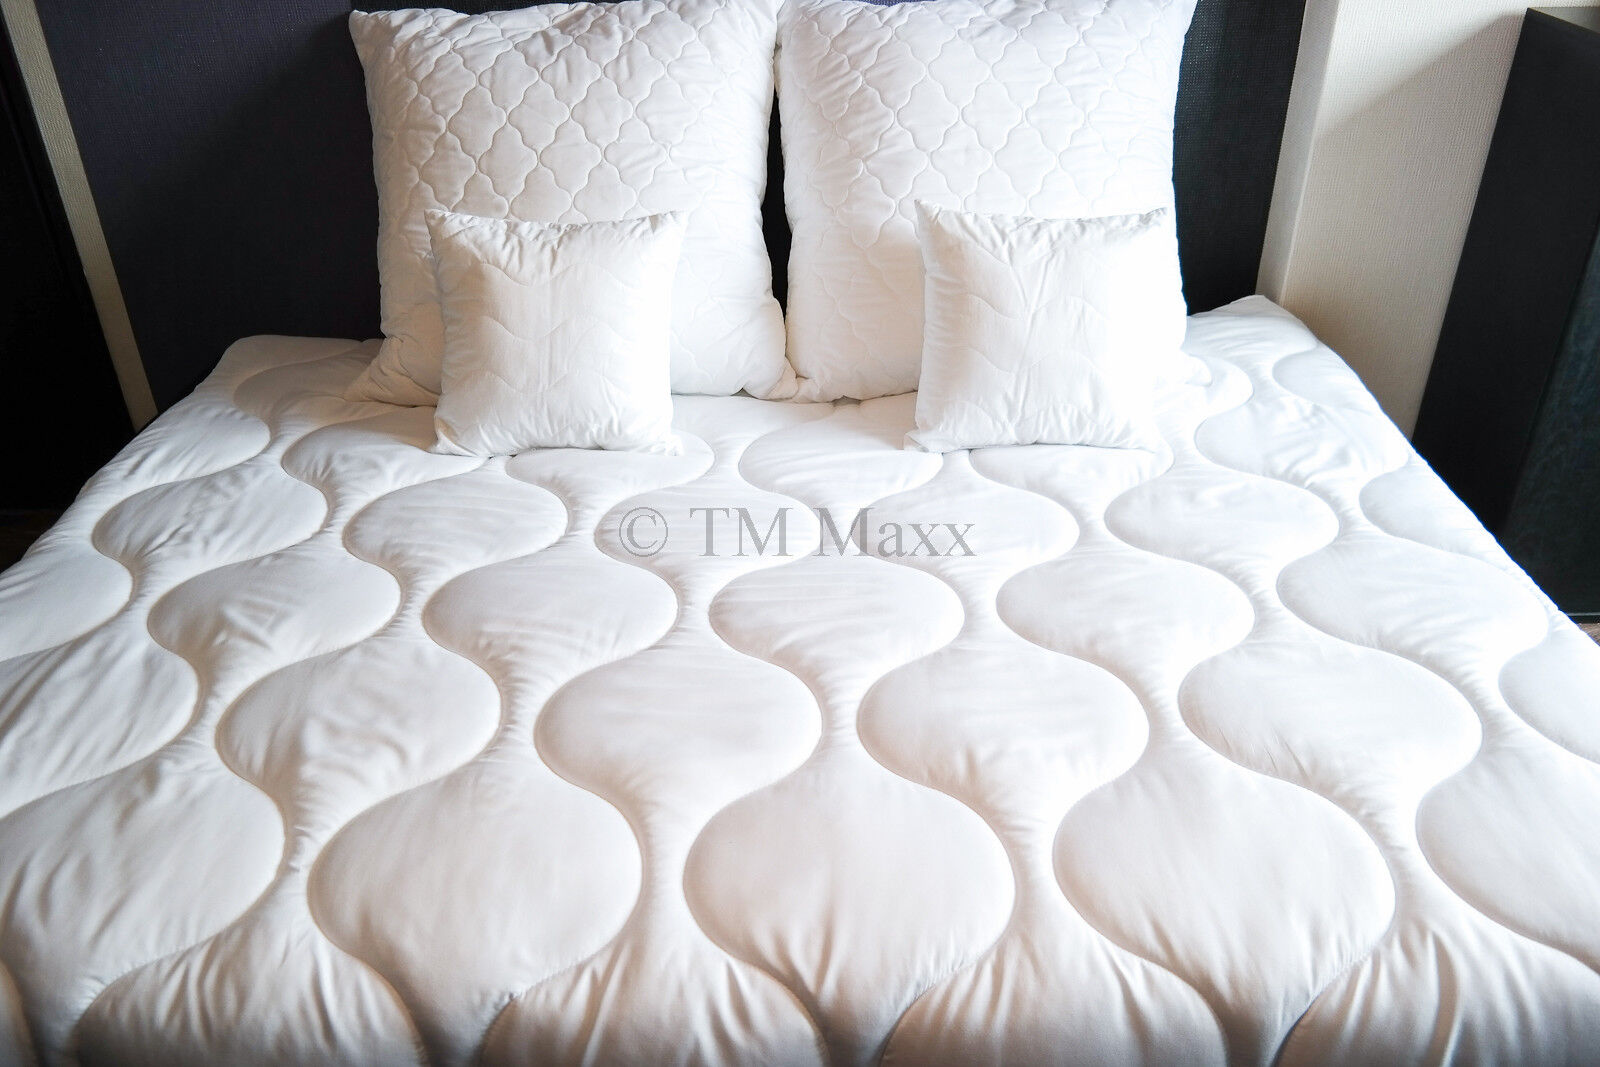 Bettdecke Decke Bett 135x200 155x220 200x200 200x220cm oder Kissen 40x80 80x80cm